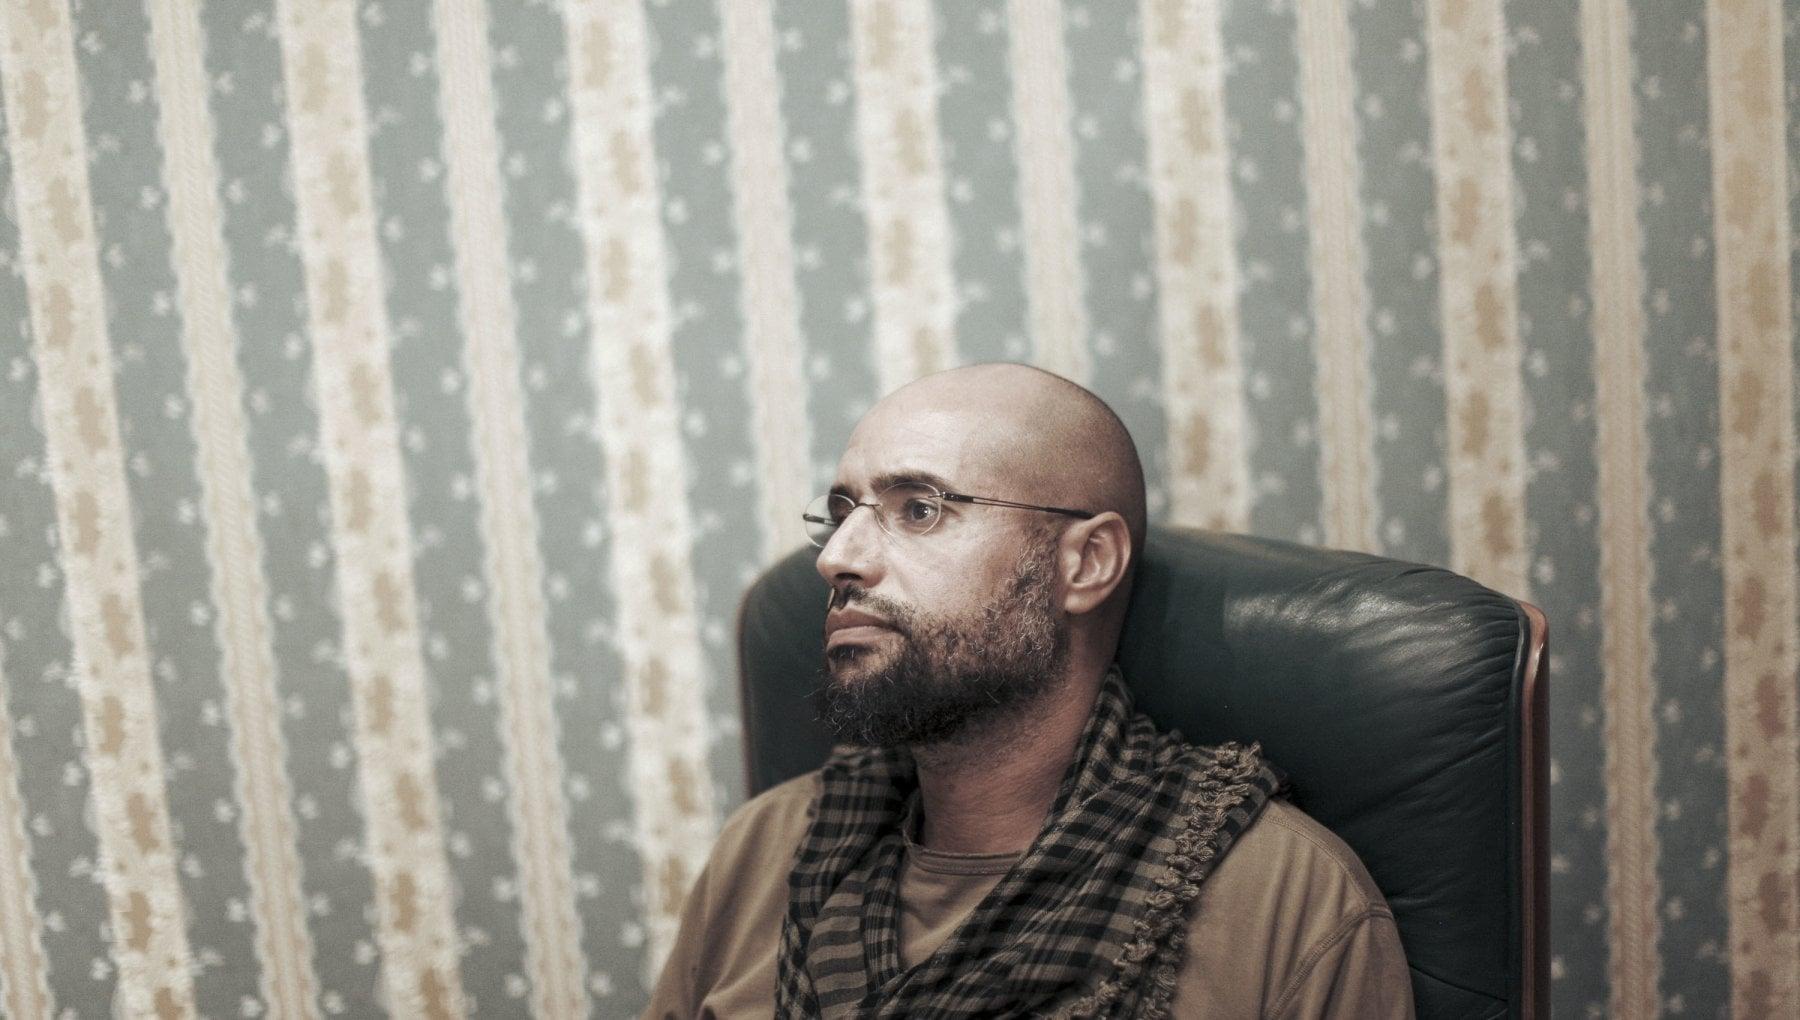 """195909259 4e8d37f4 de15 43a1 bc3a deabbfdf7148 - Ricompare a sorpresa il figlio di Gheddafi: """"Tornerò in politica"""""""